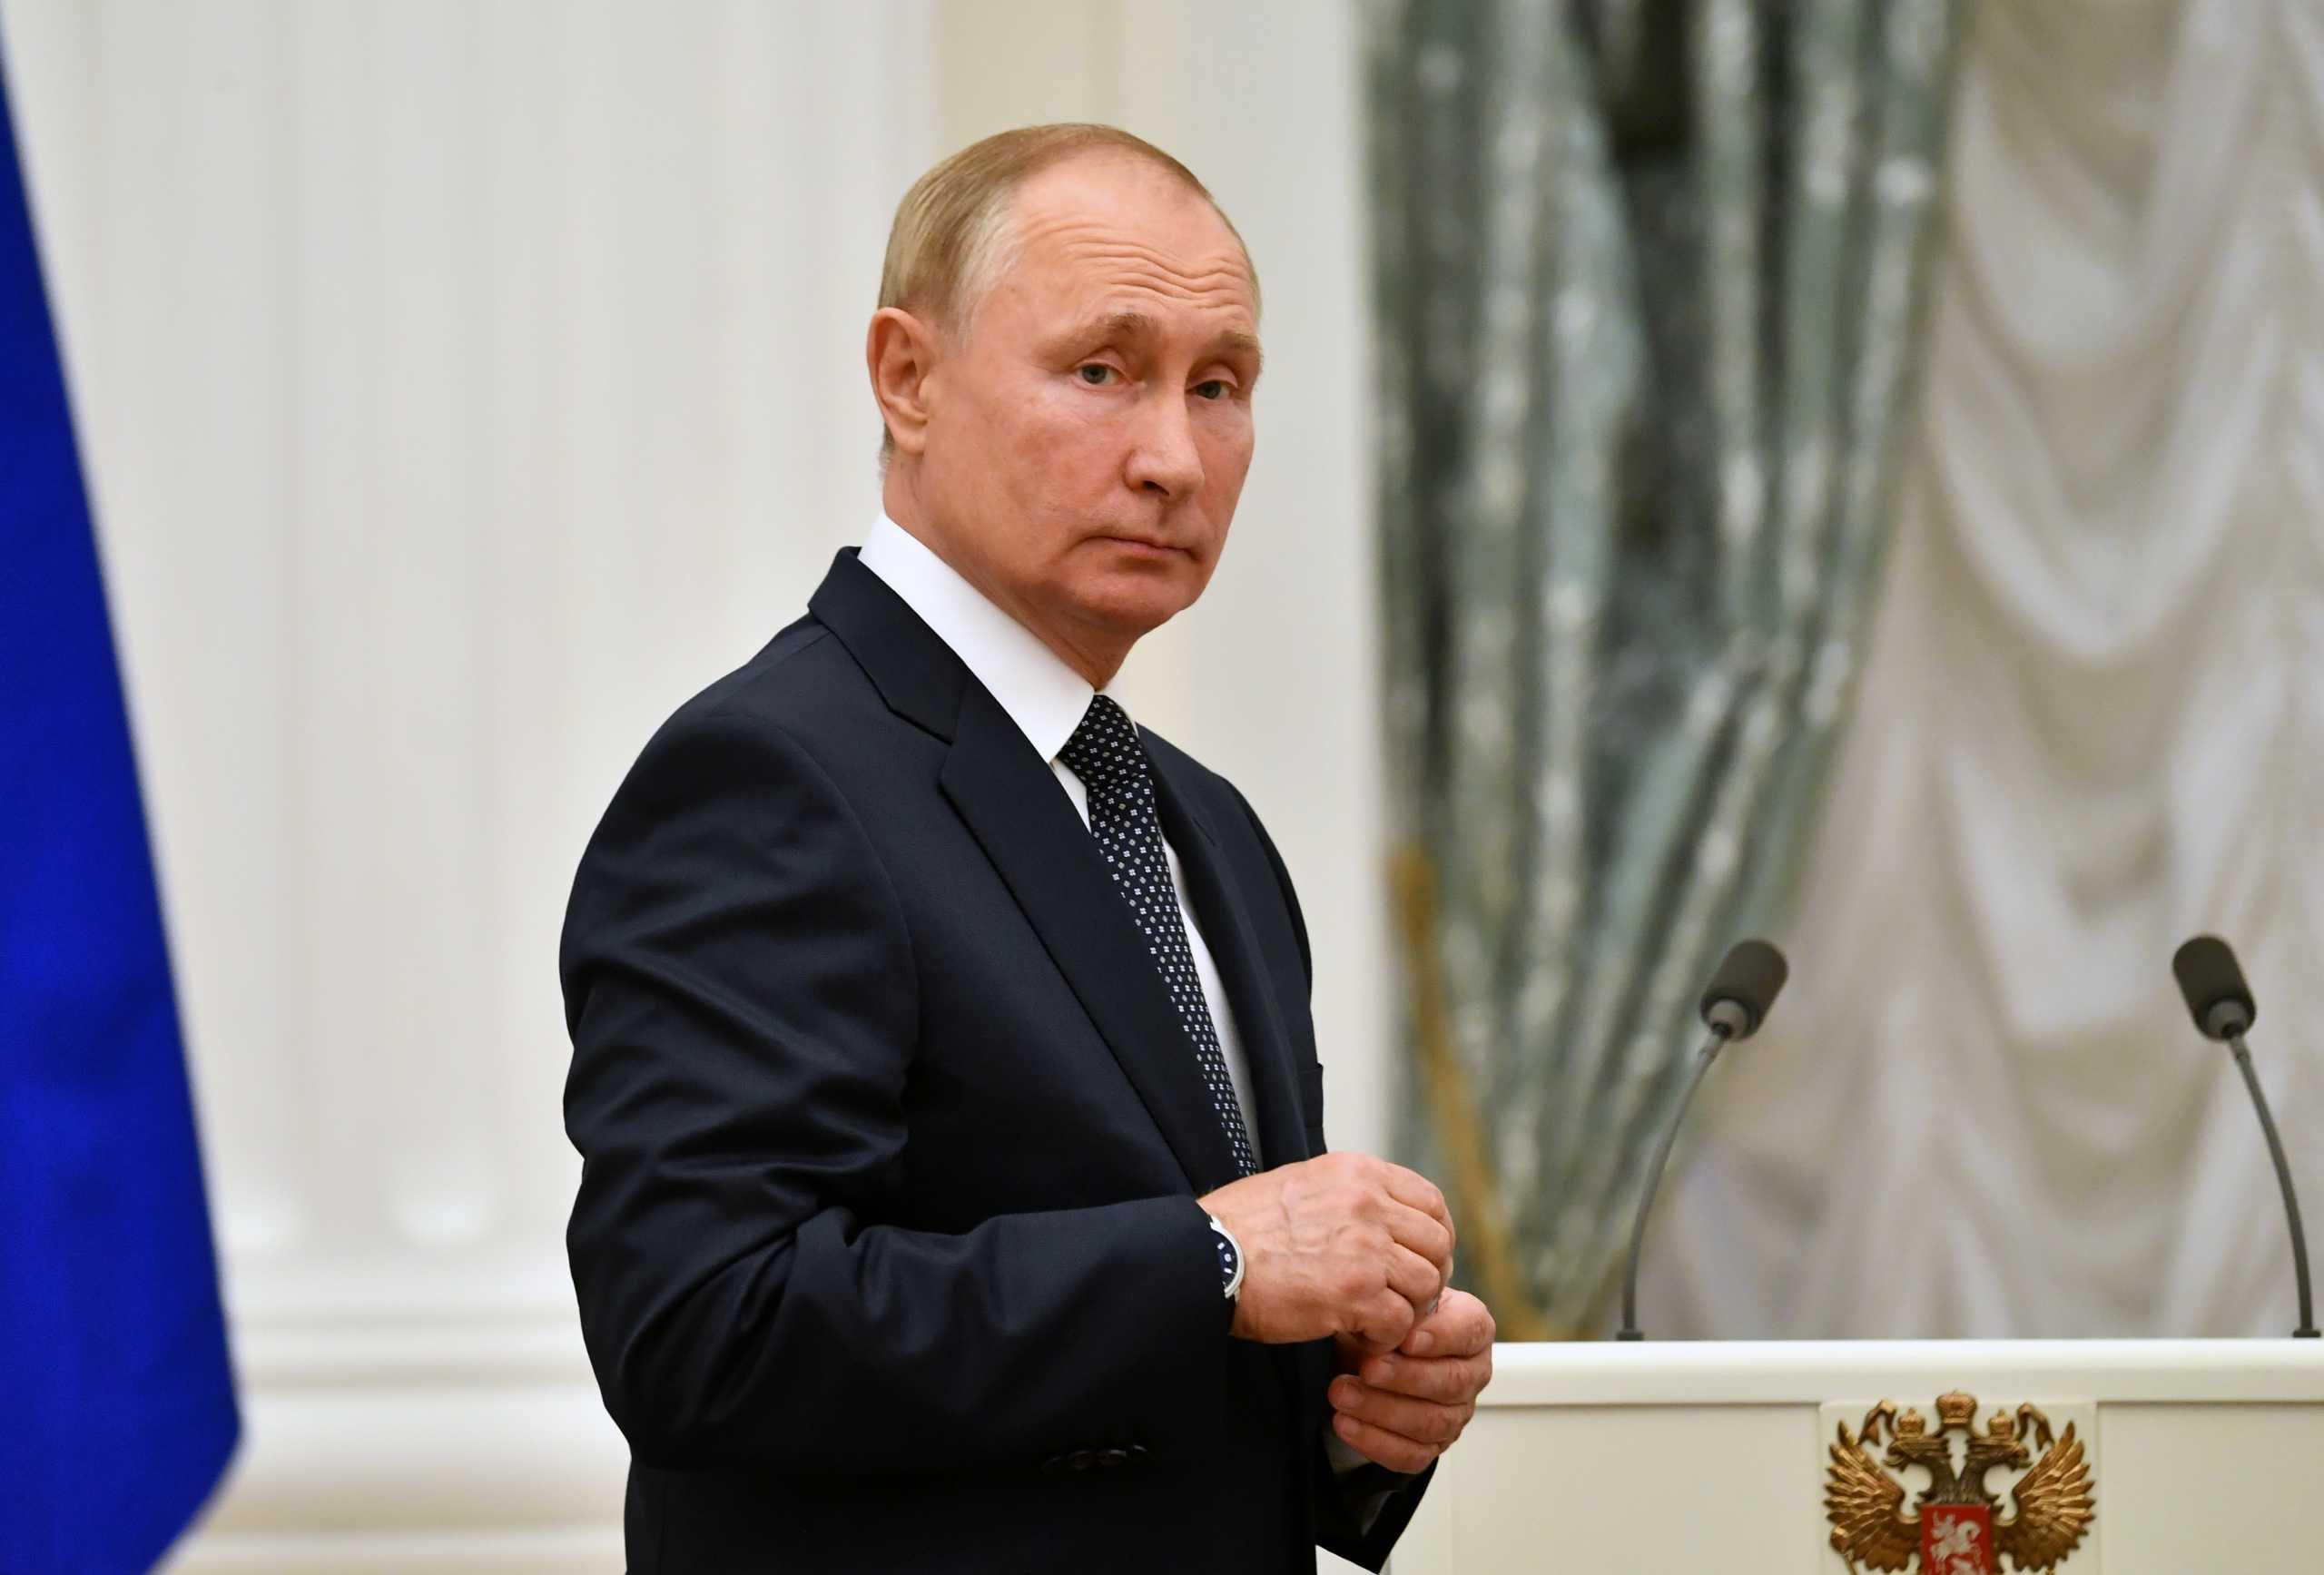 Βλαντιμίρ Πούτιν – κορονοϊός: Έβηχε και προκάλεσε ανησυχία – «Κάνω κάθε μέρα τεστ»